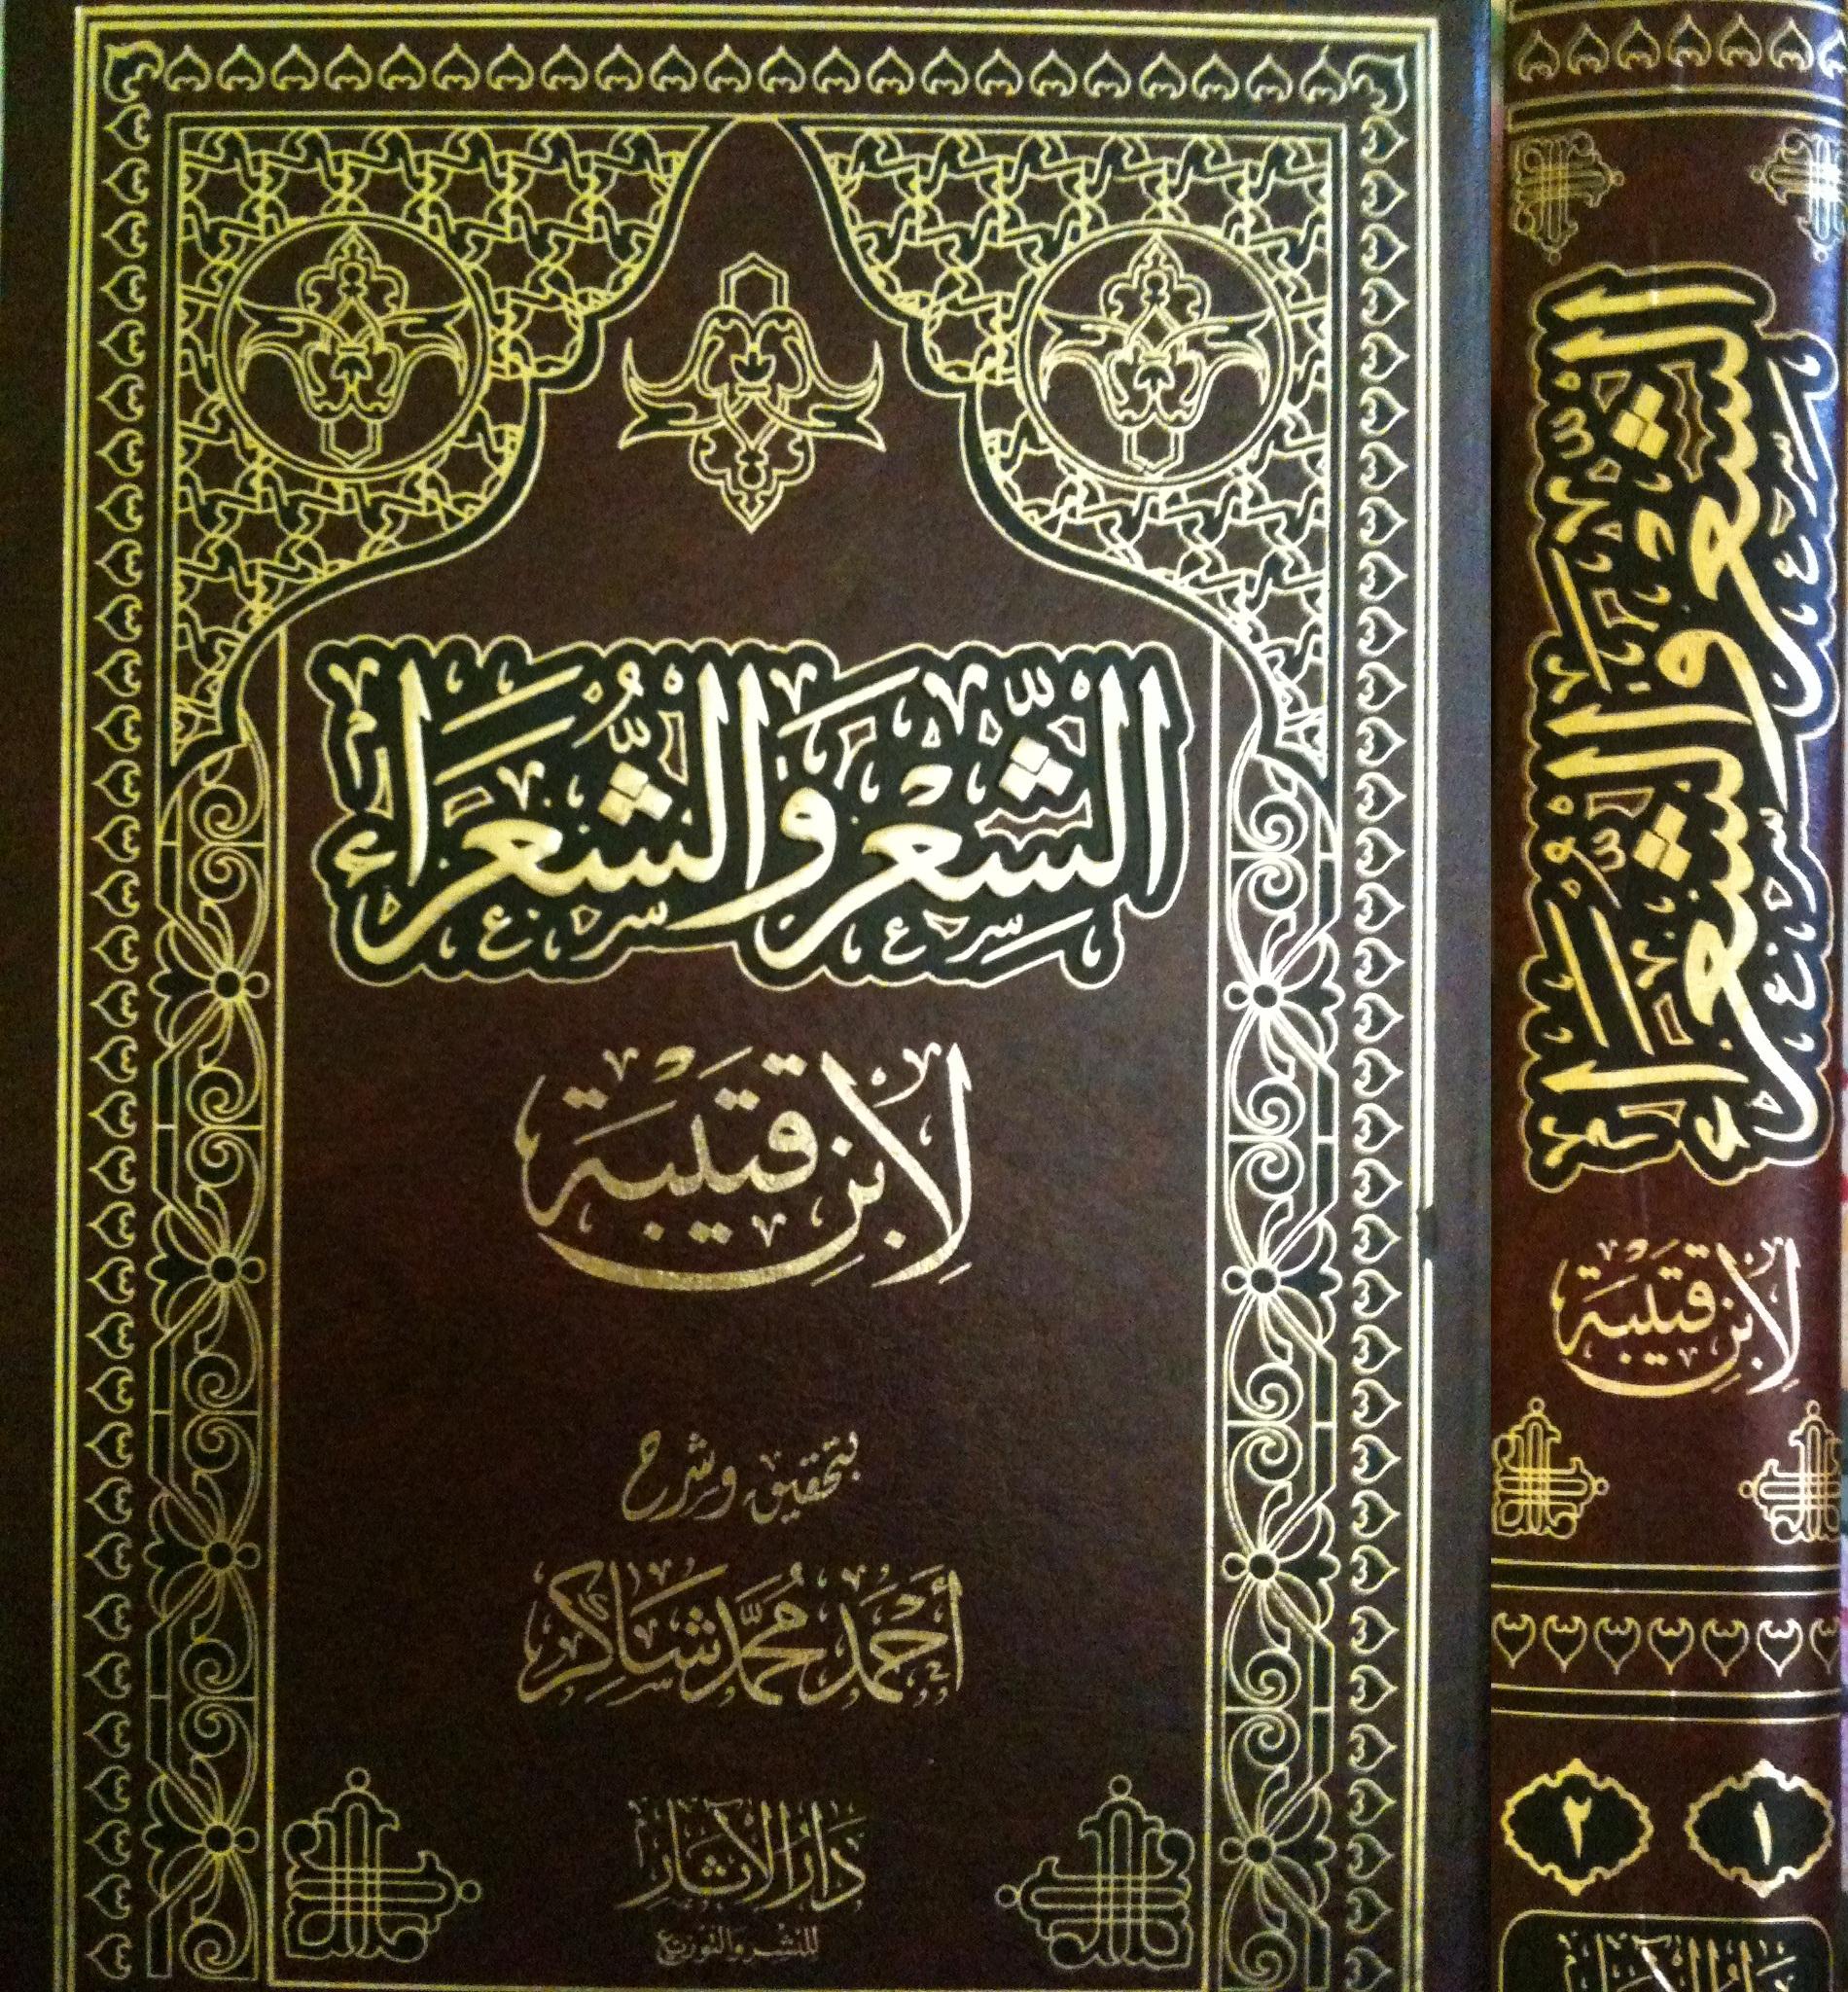 شرح كتاب الشعر والشعراء لابن قتيبة